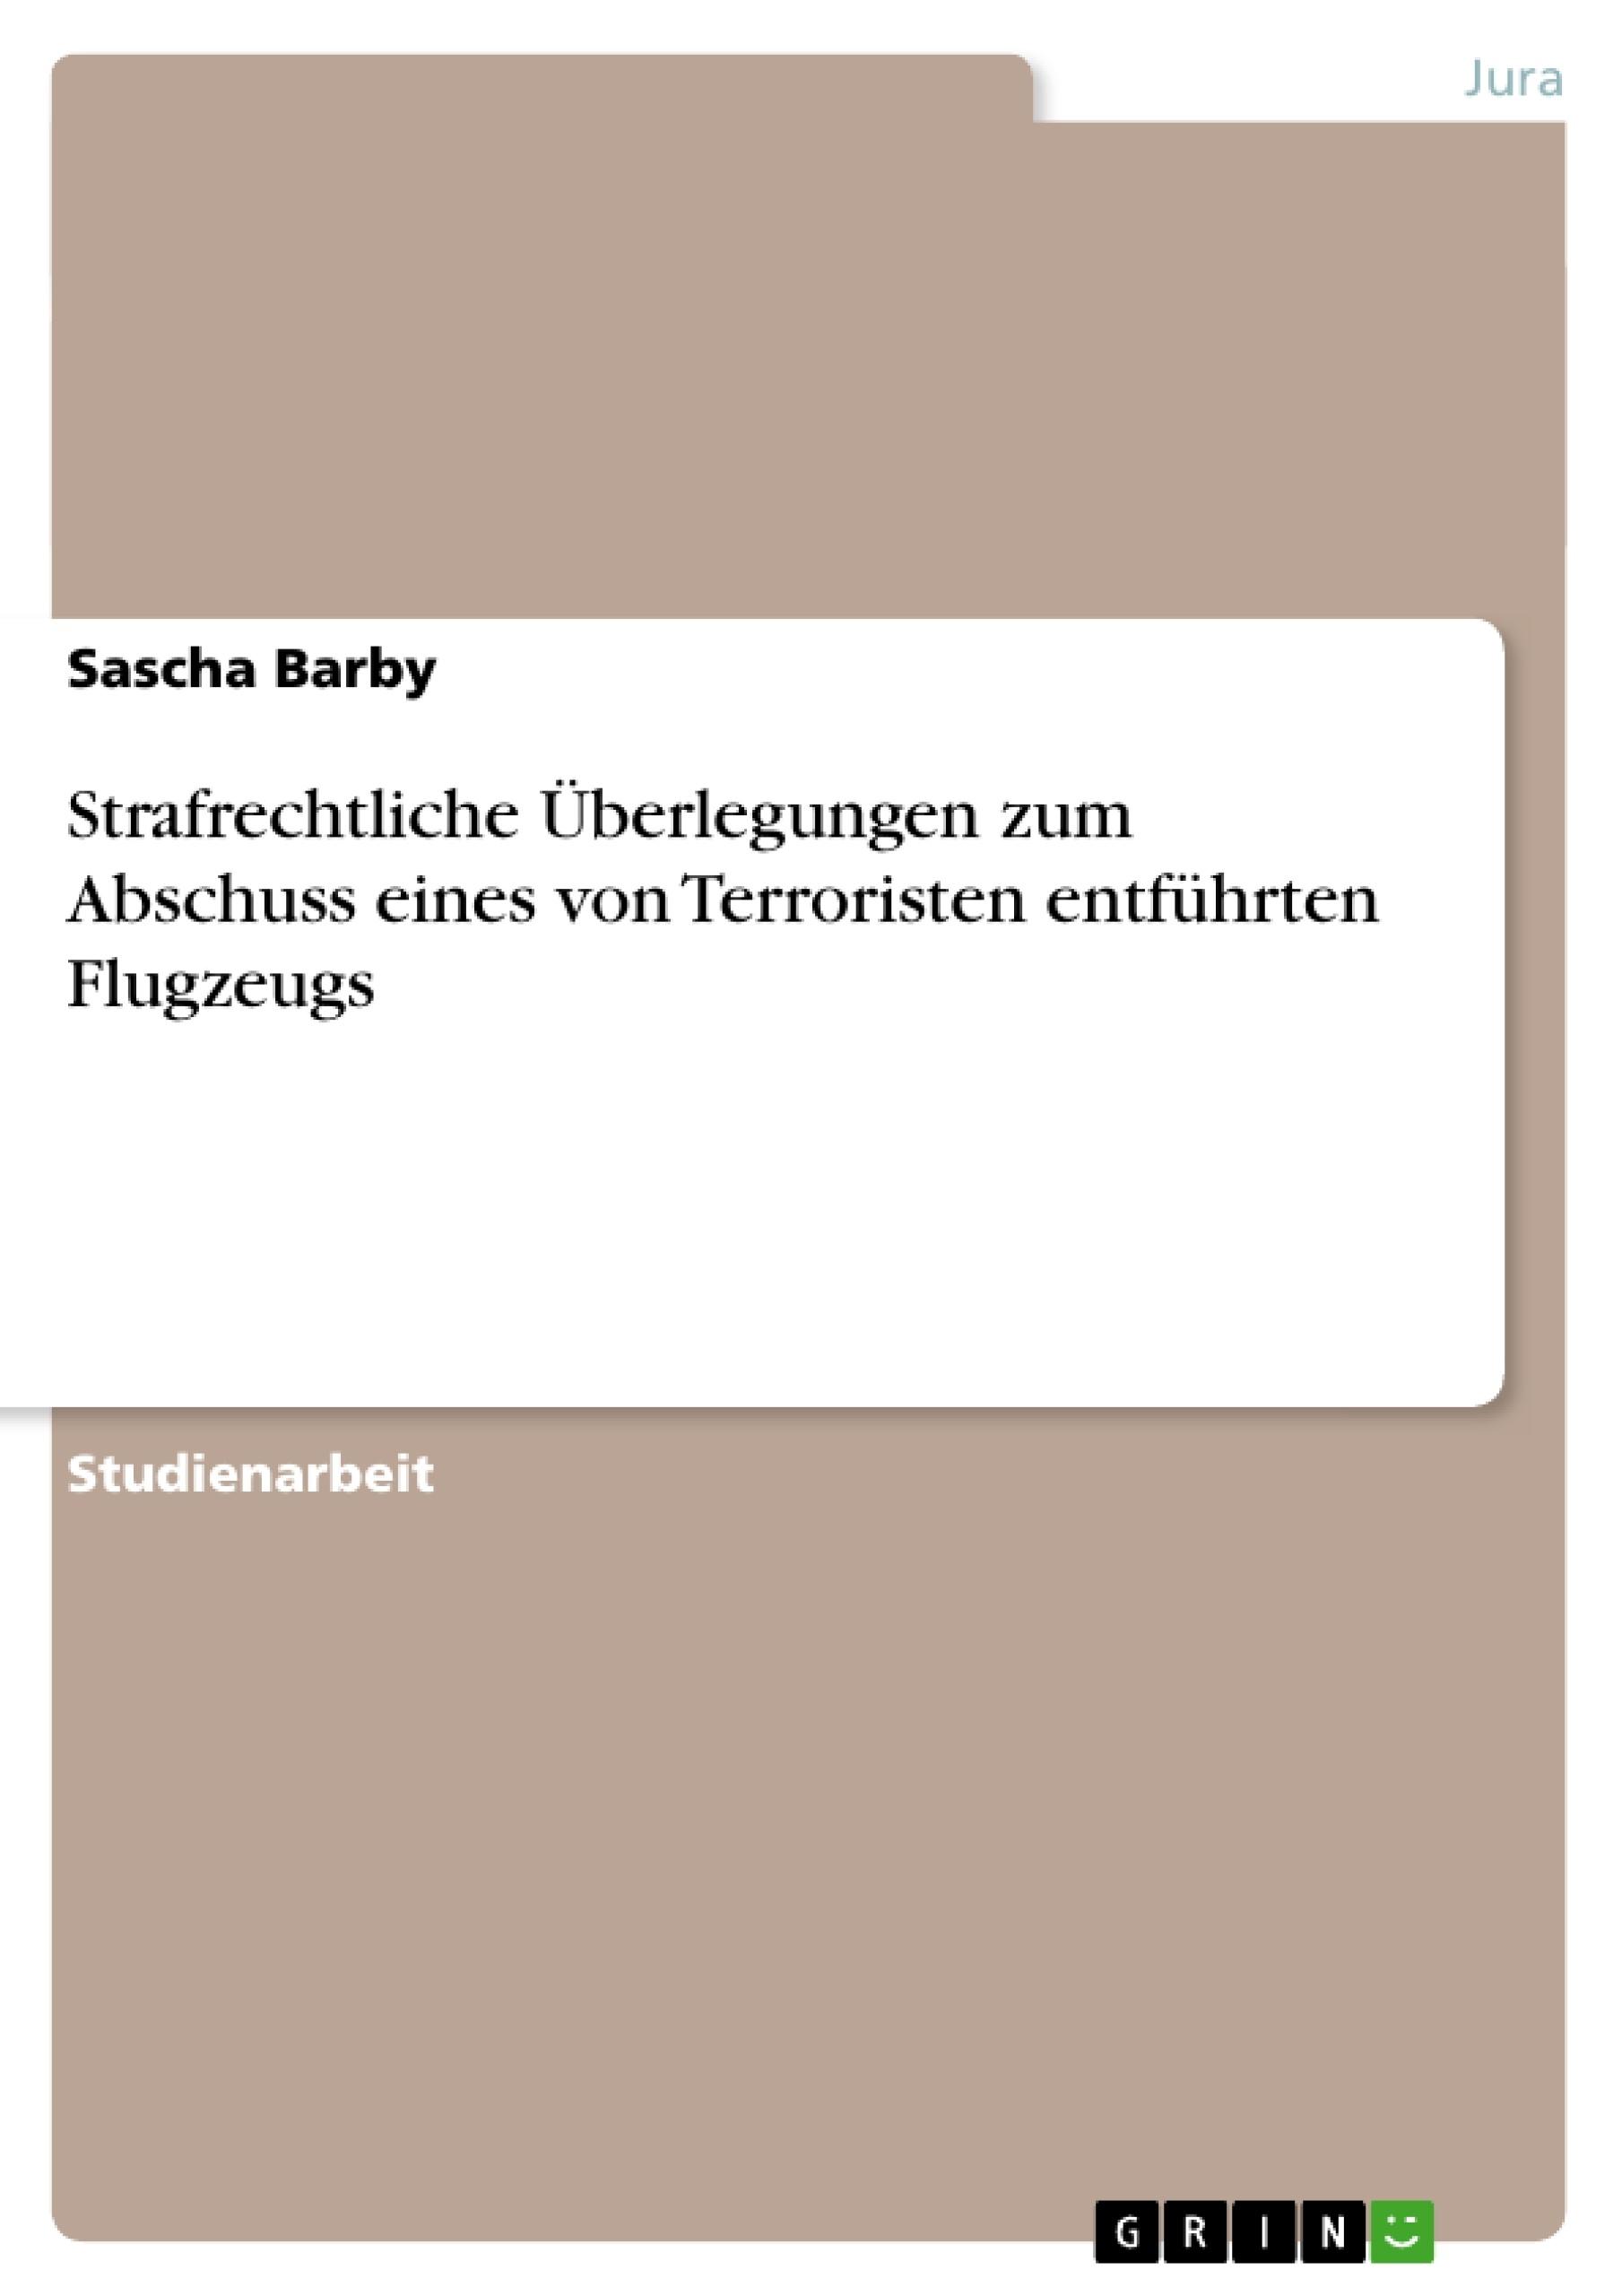 Titel: Strafrechtliche Überlegungen zum Abschuss eines von Terroristen entführten Flugzeugs